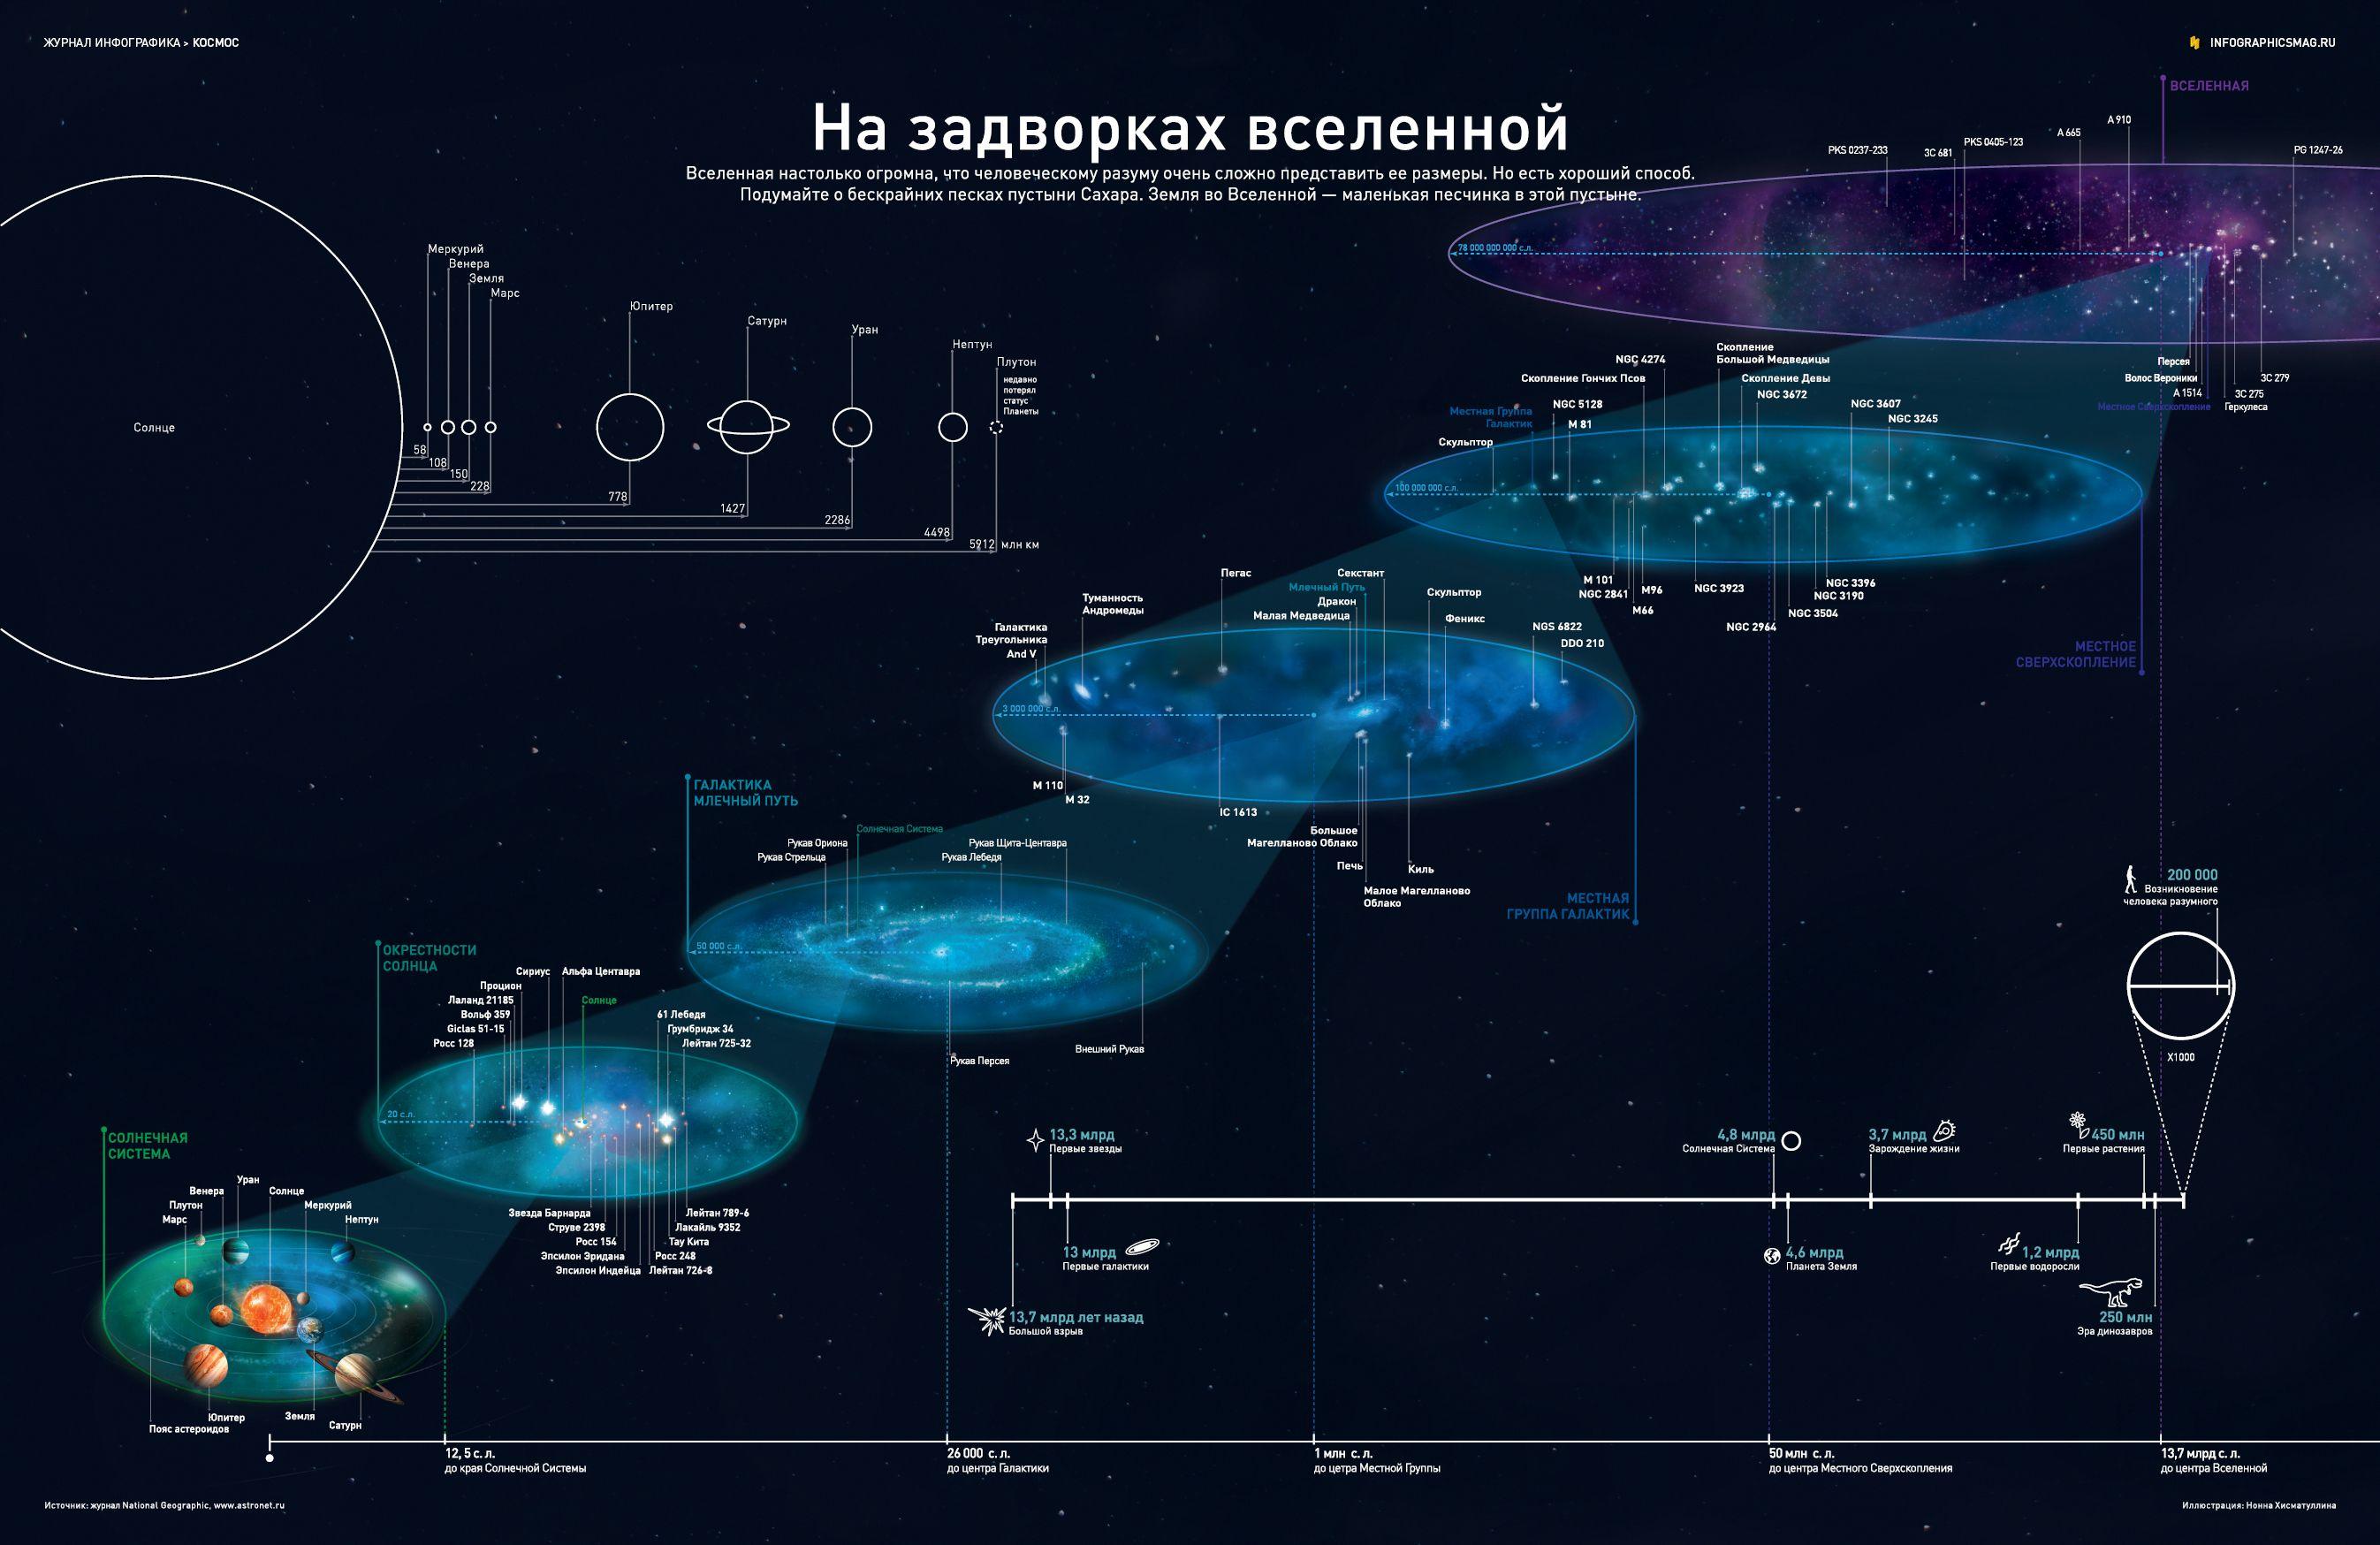 Инфографика: На задворках вселенной